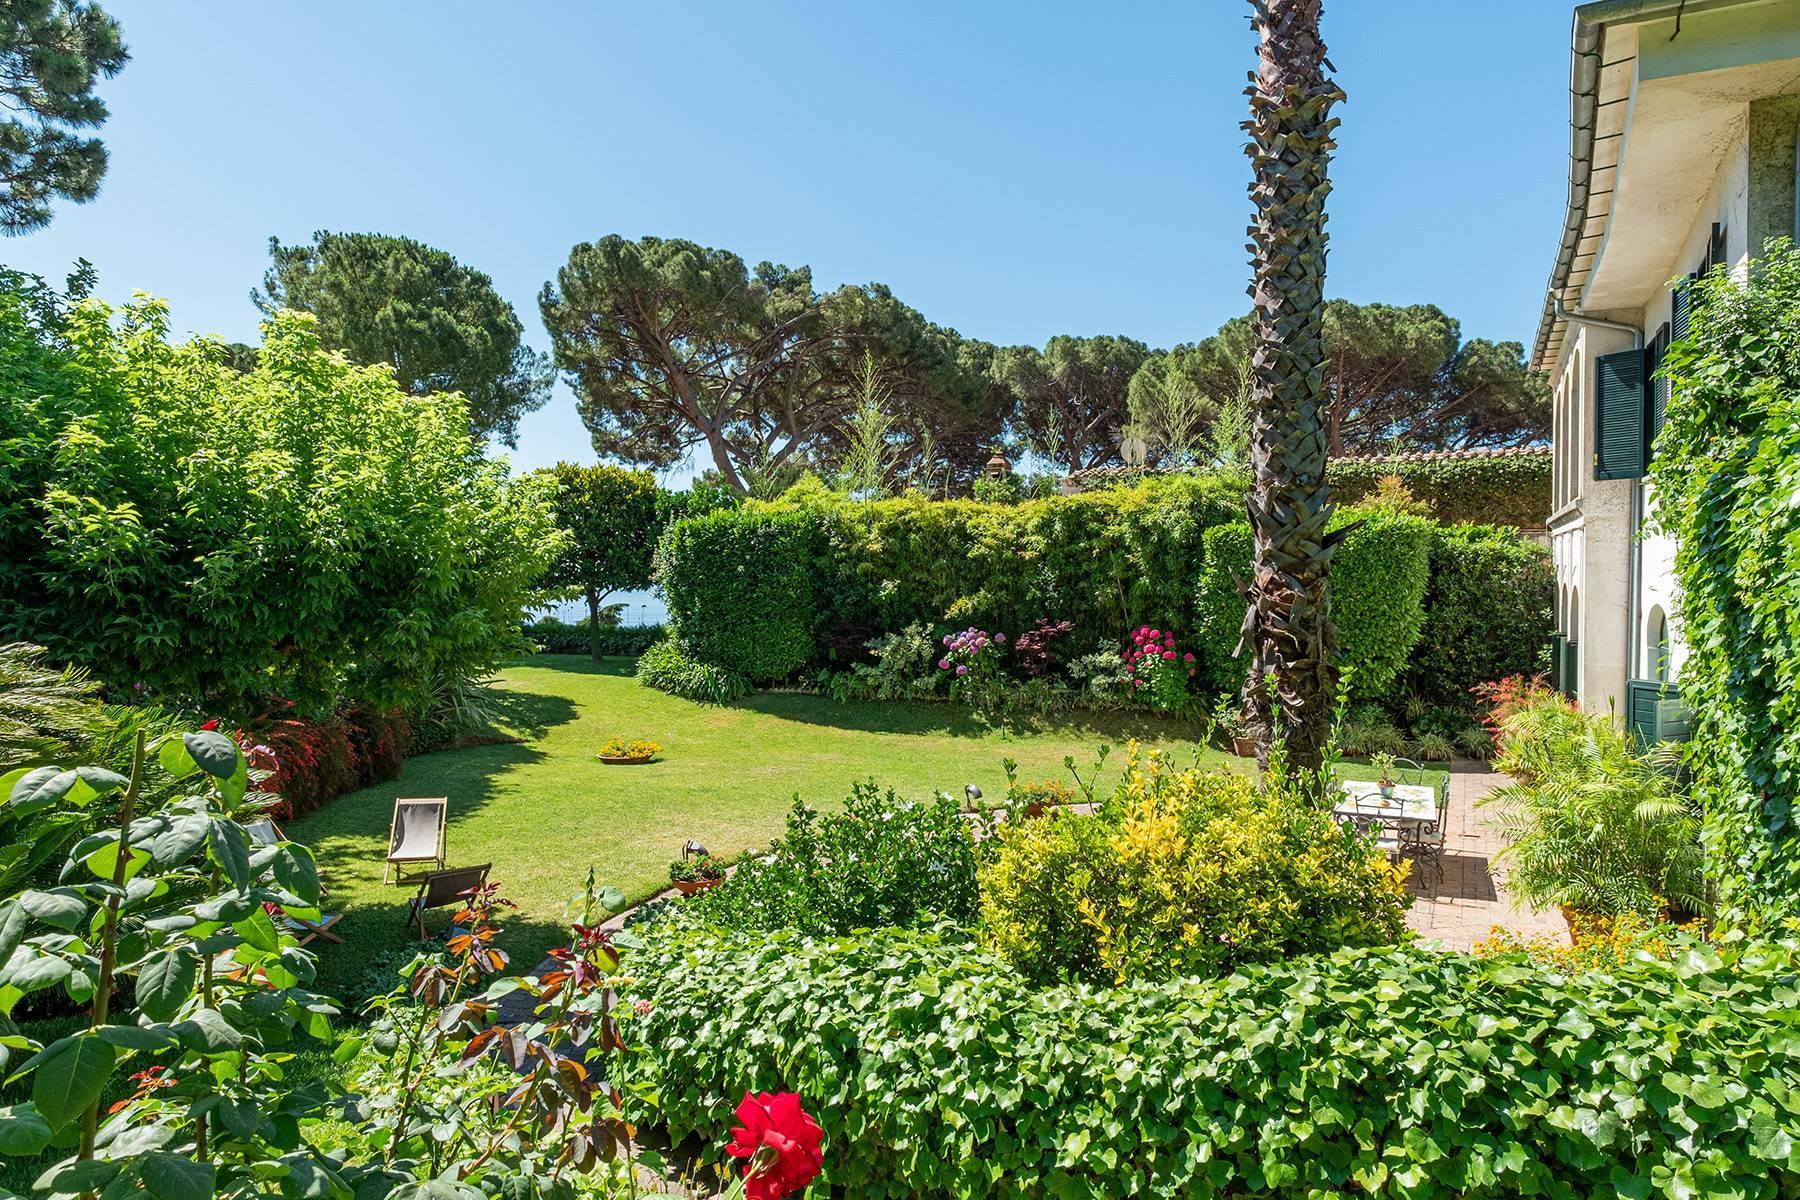 Historisches Anwesen im Grünen mit atemberaubendem Blick auf den Golf von Vietri - 3